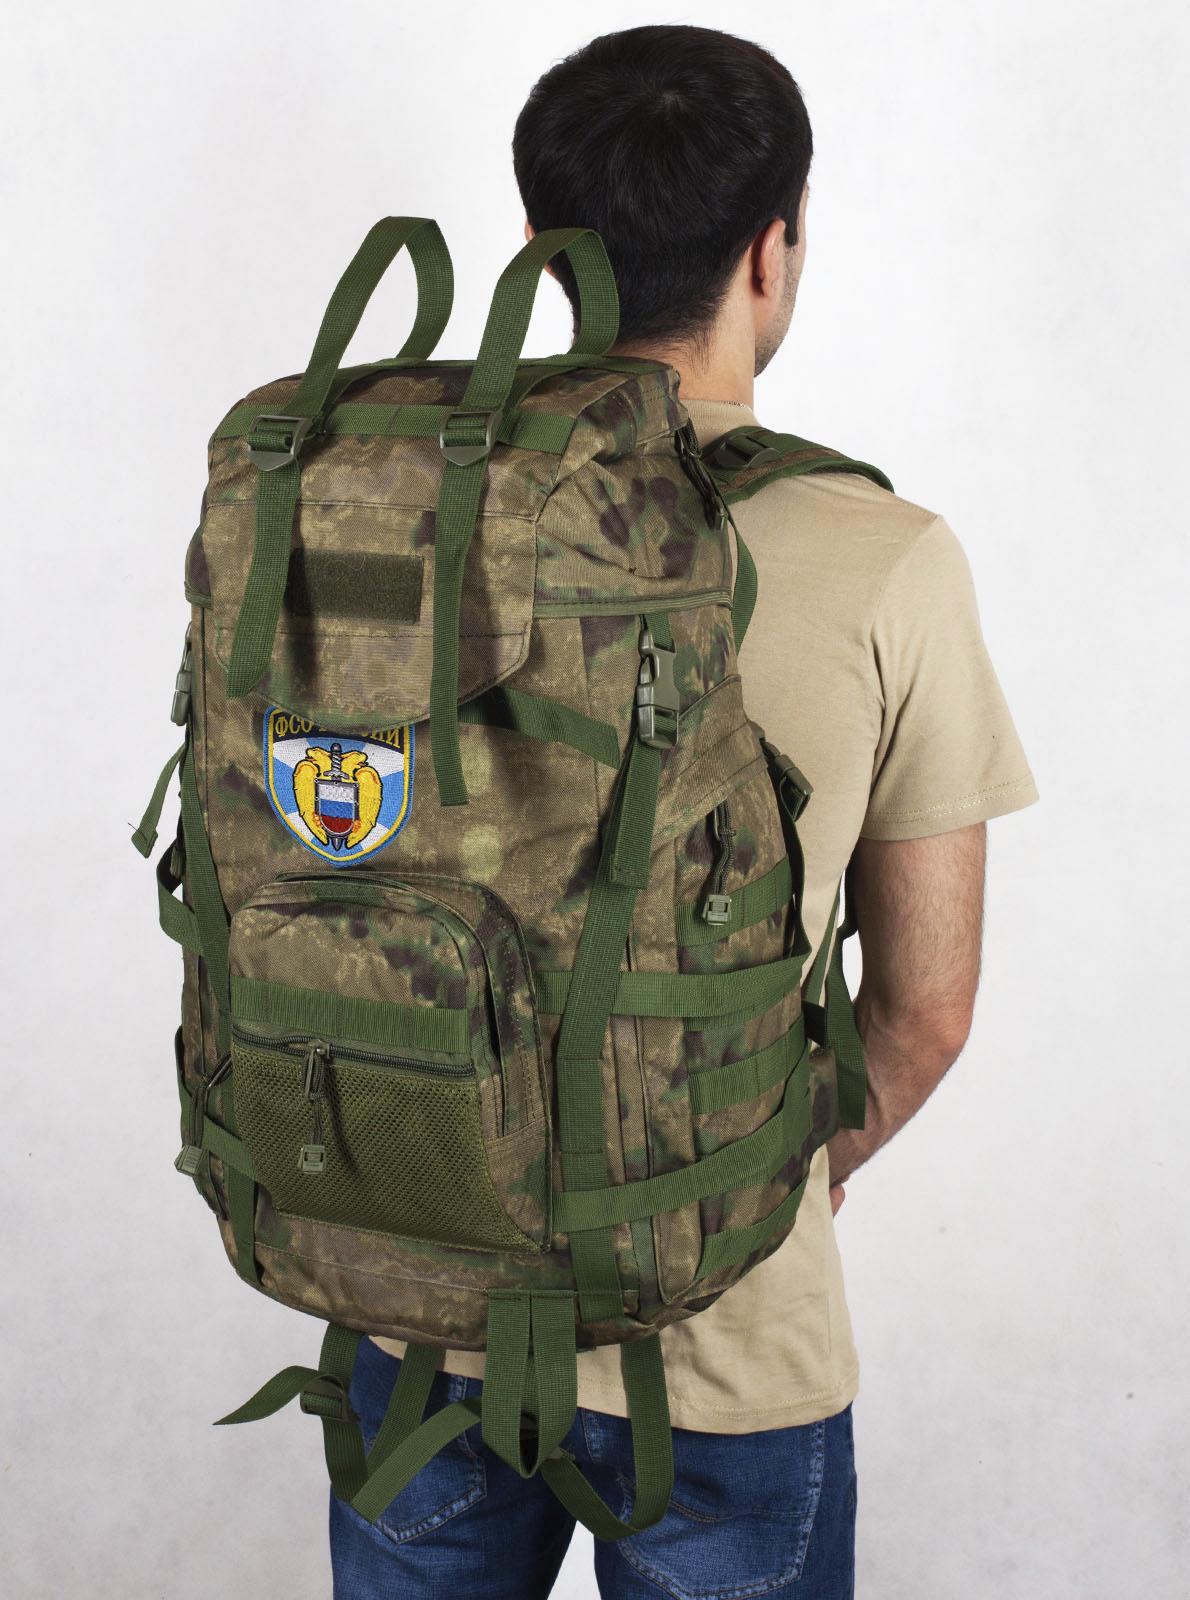 Тактический заплечный рюкзак MultiCam A-TACS FG ФСО - купить с доставкой